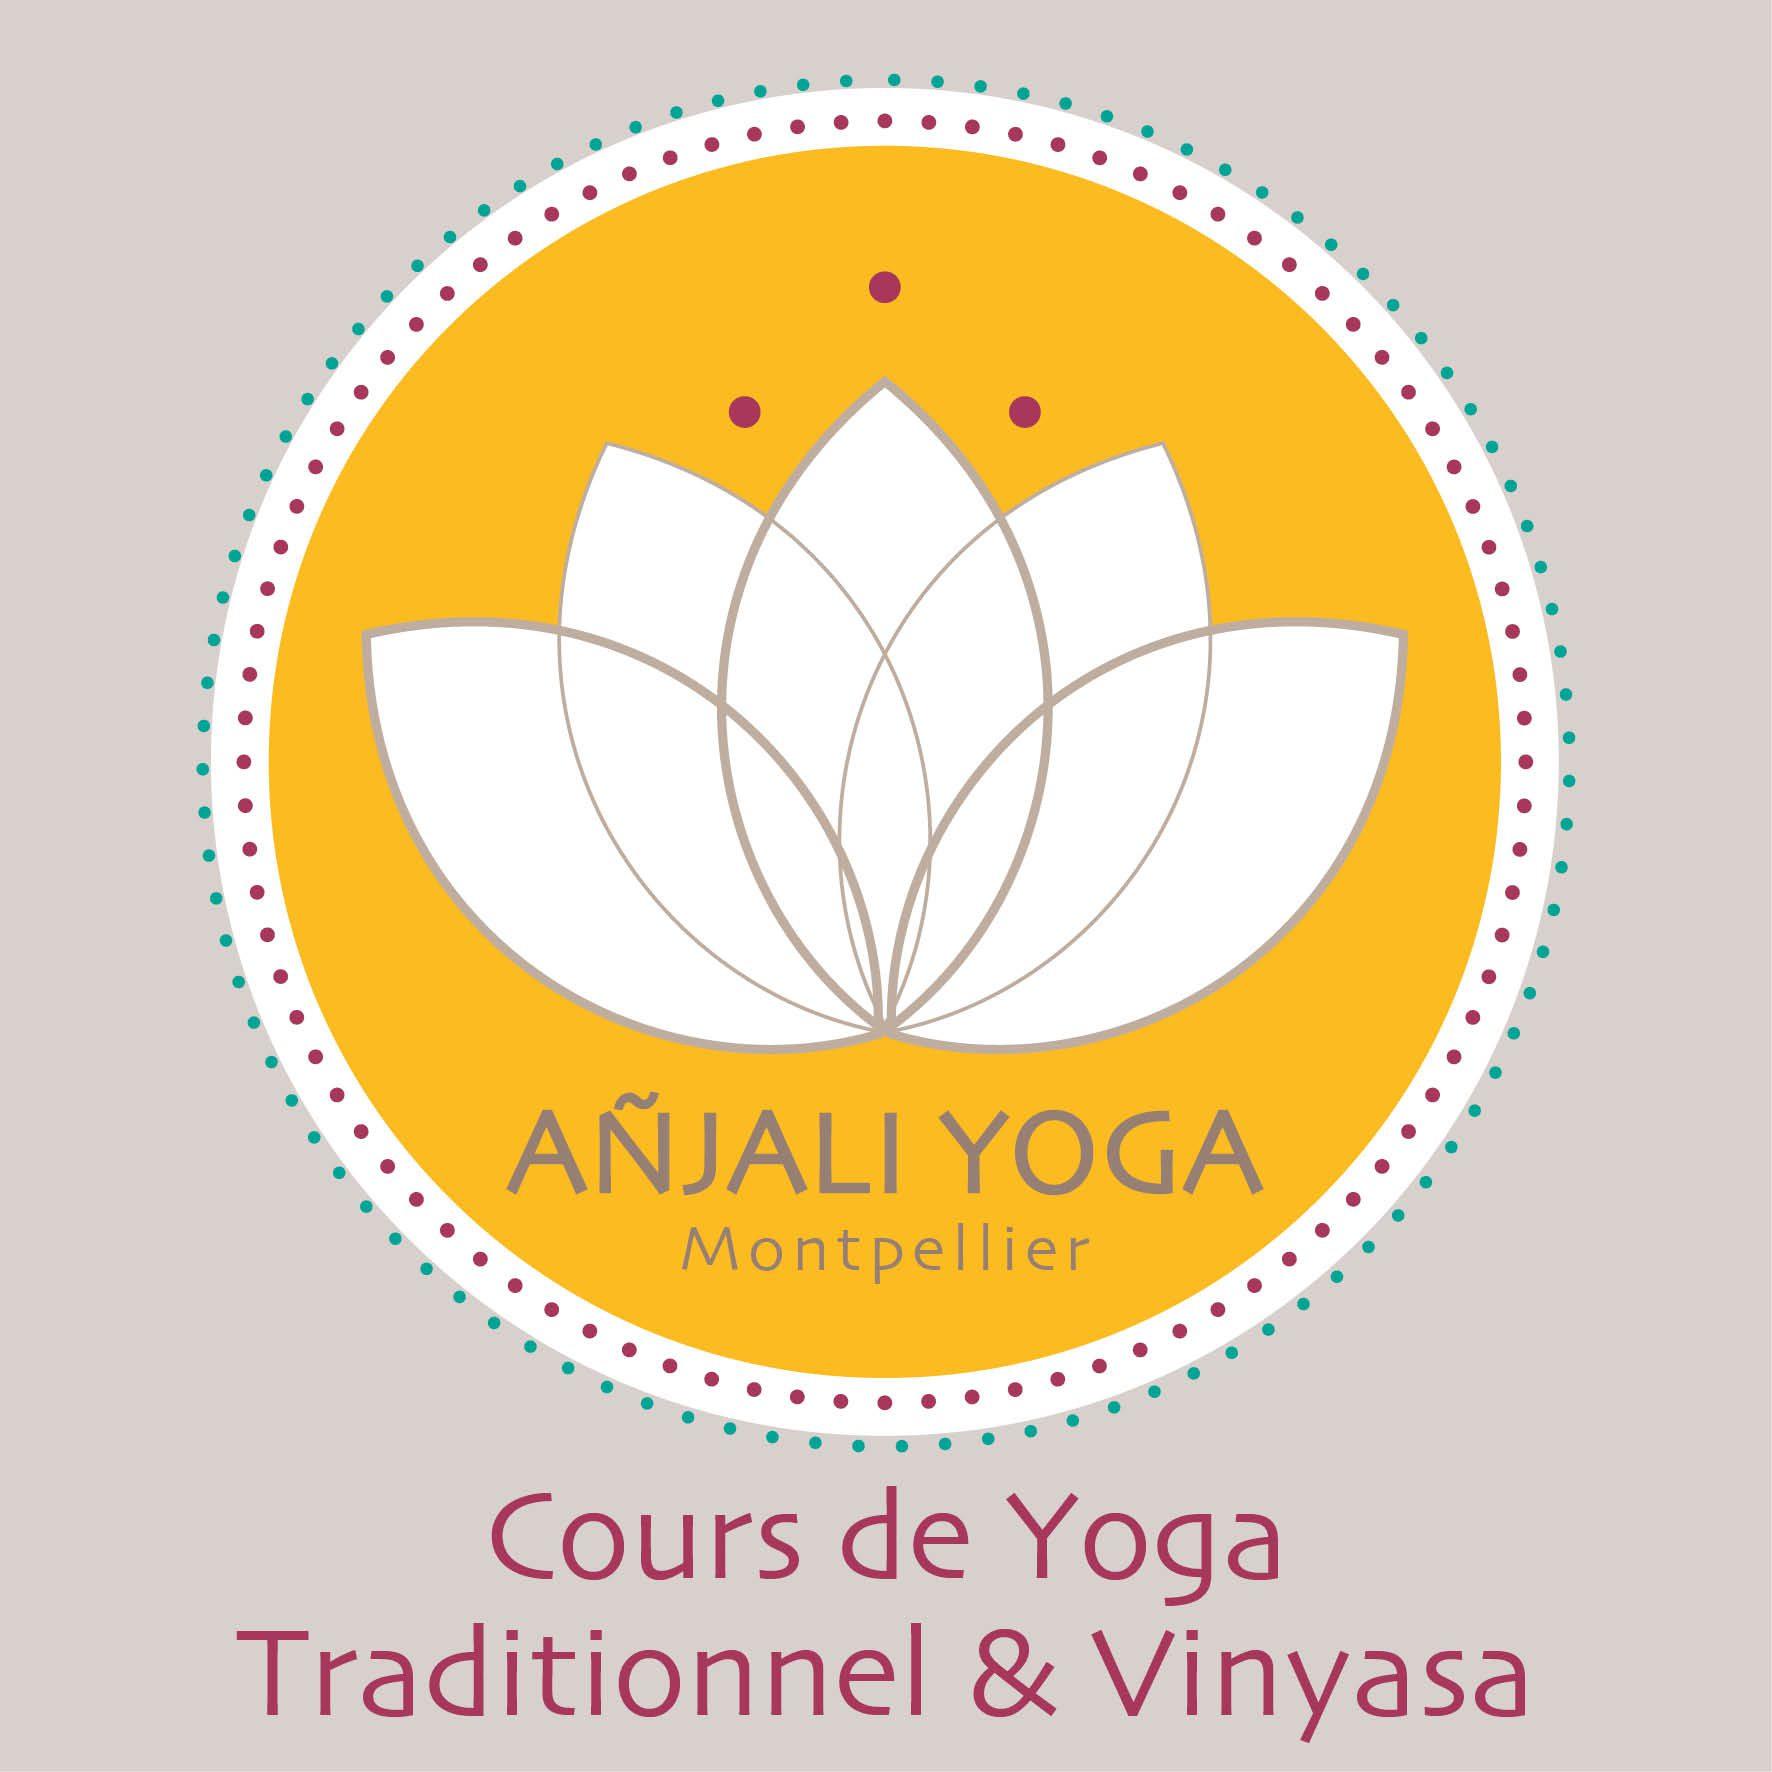 Añjali Yoga Montpellier